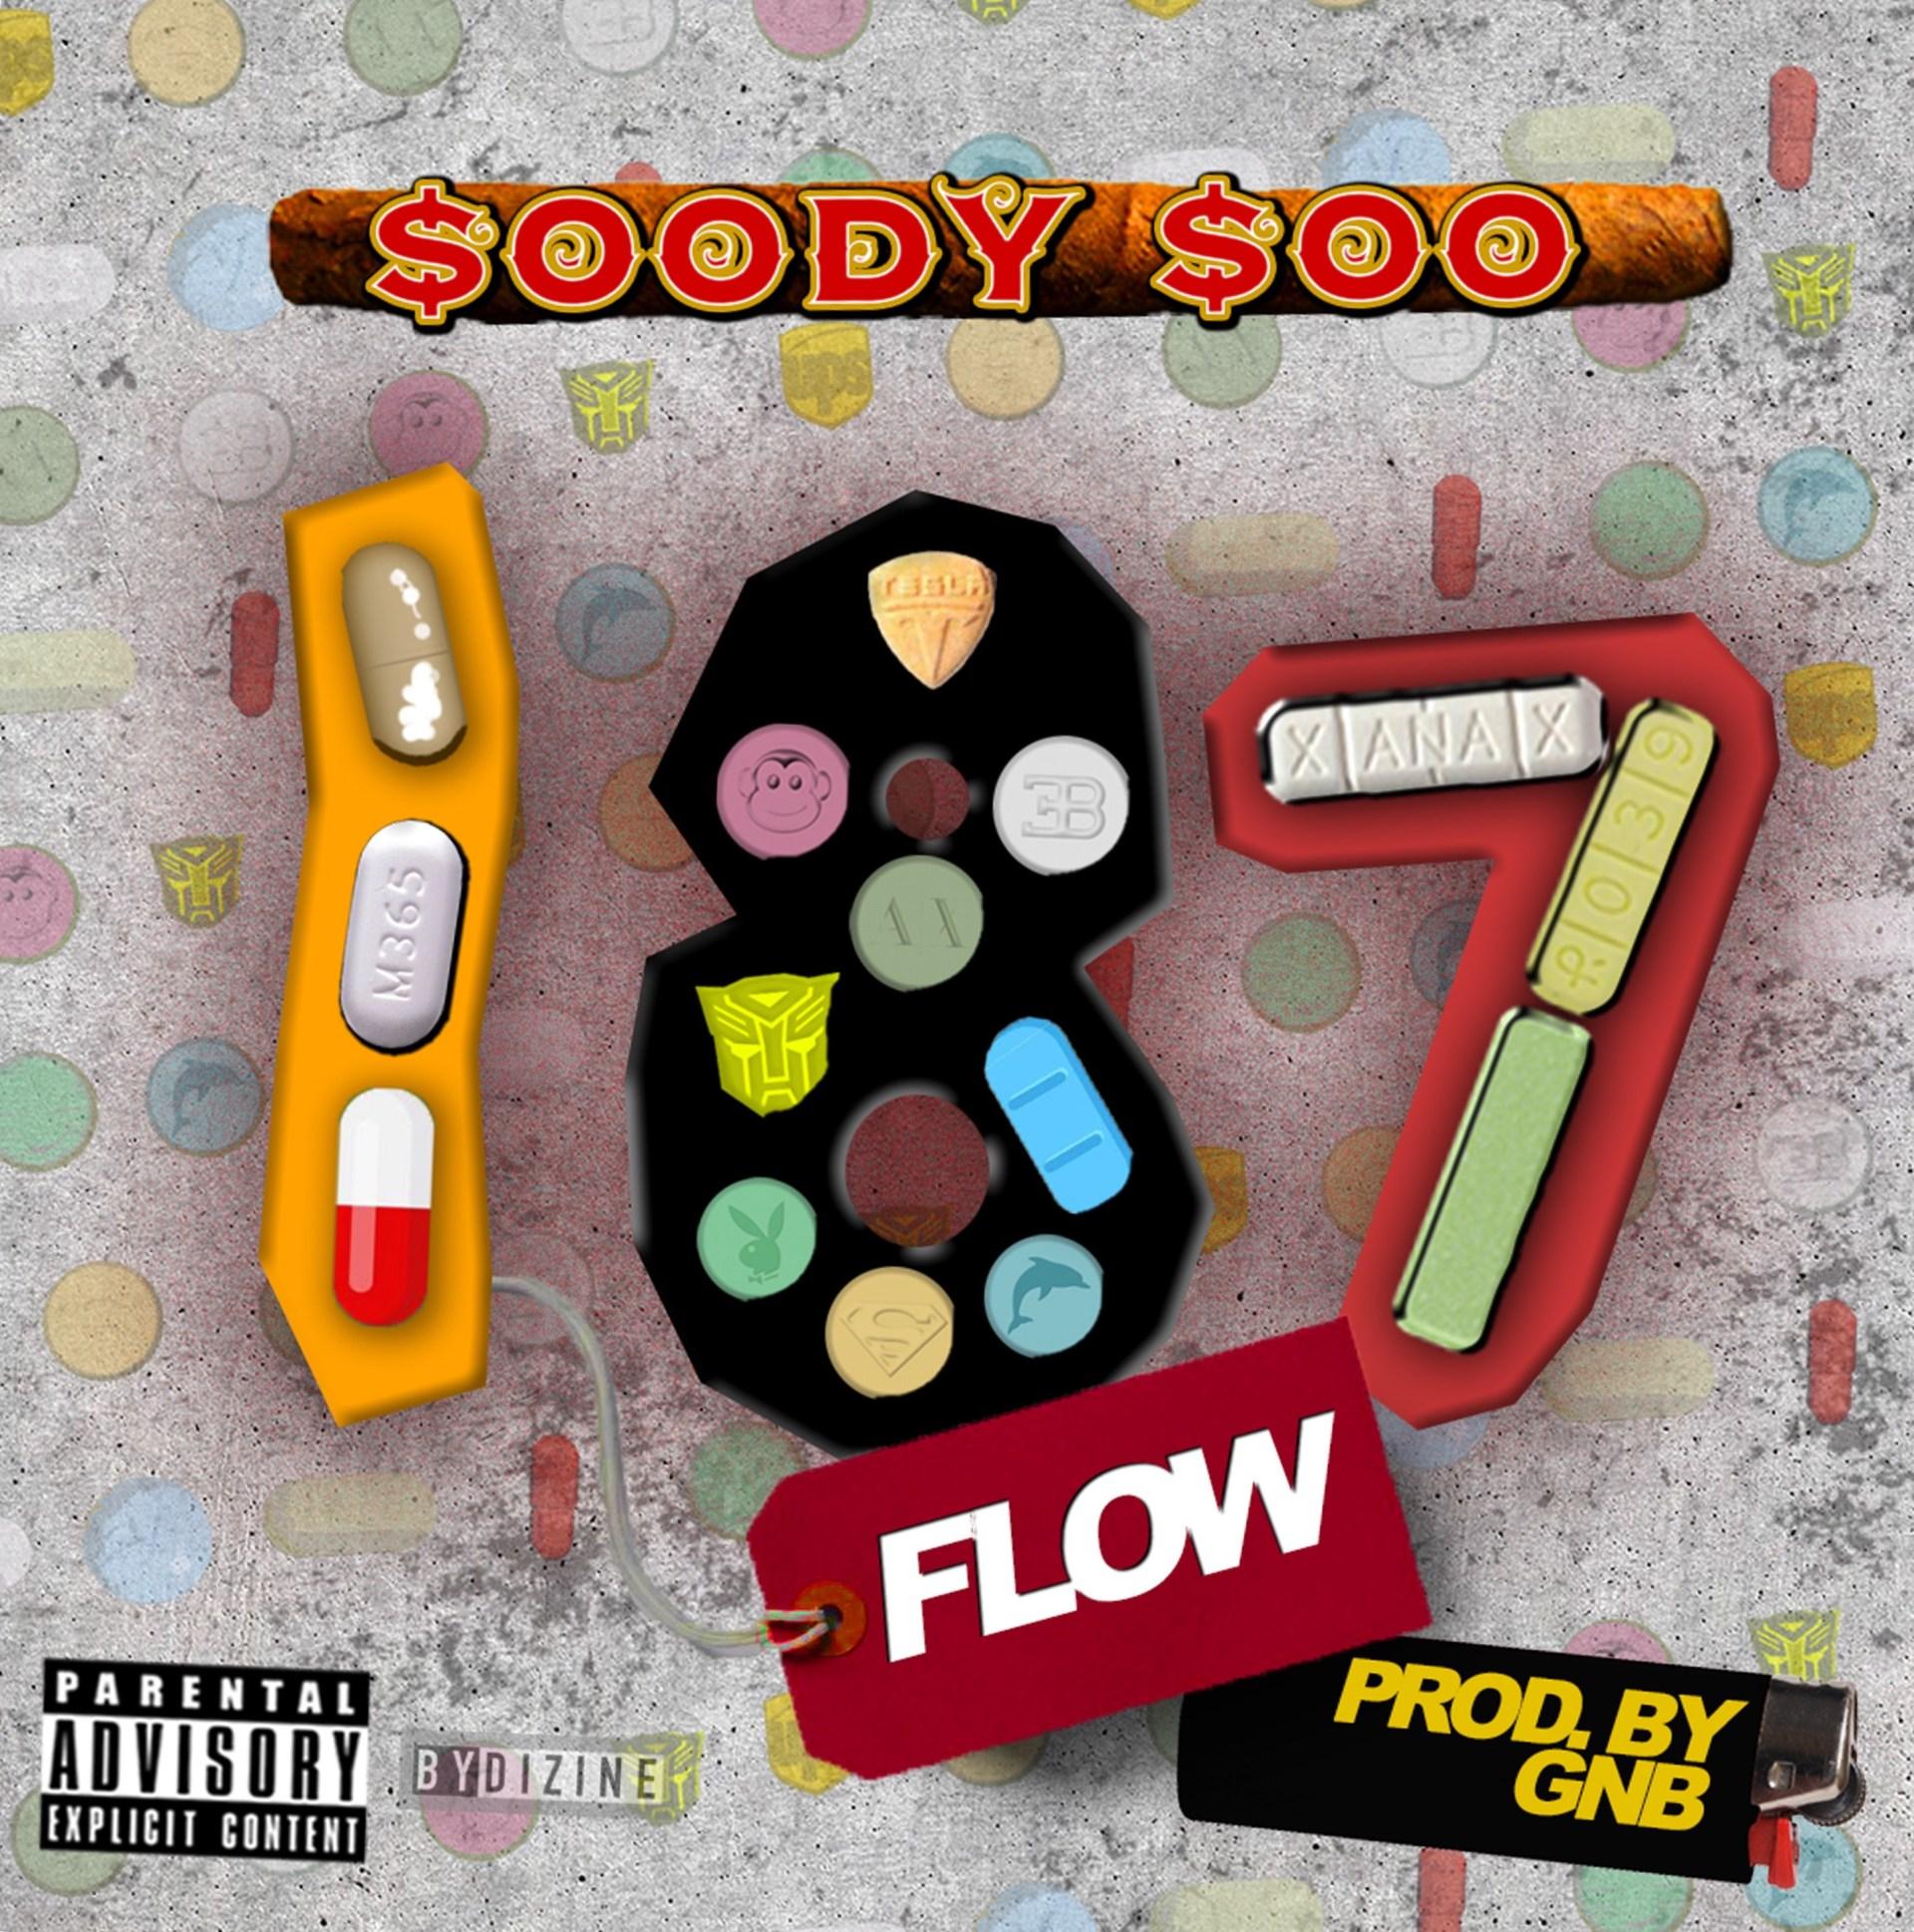 [SINGLE] SOODY SOO DROPS NEW TRACK 187 FLOW | @BIGSOODYSOO